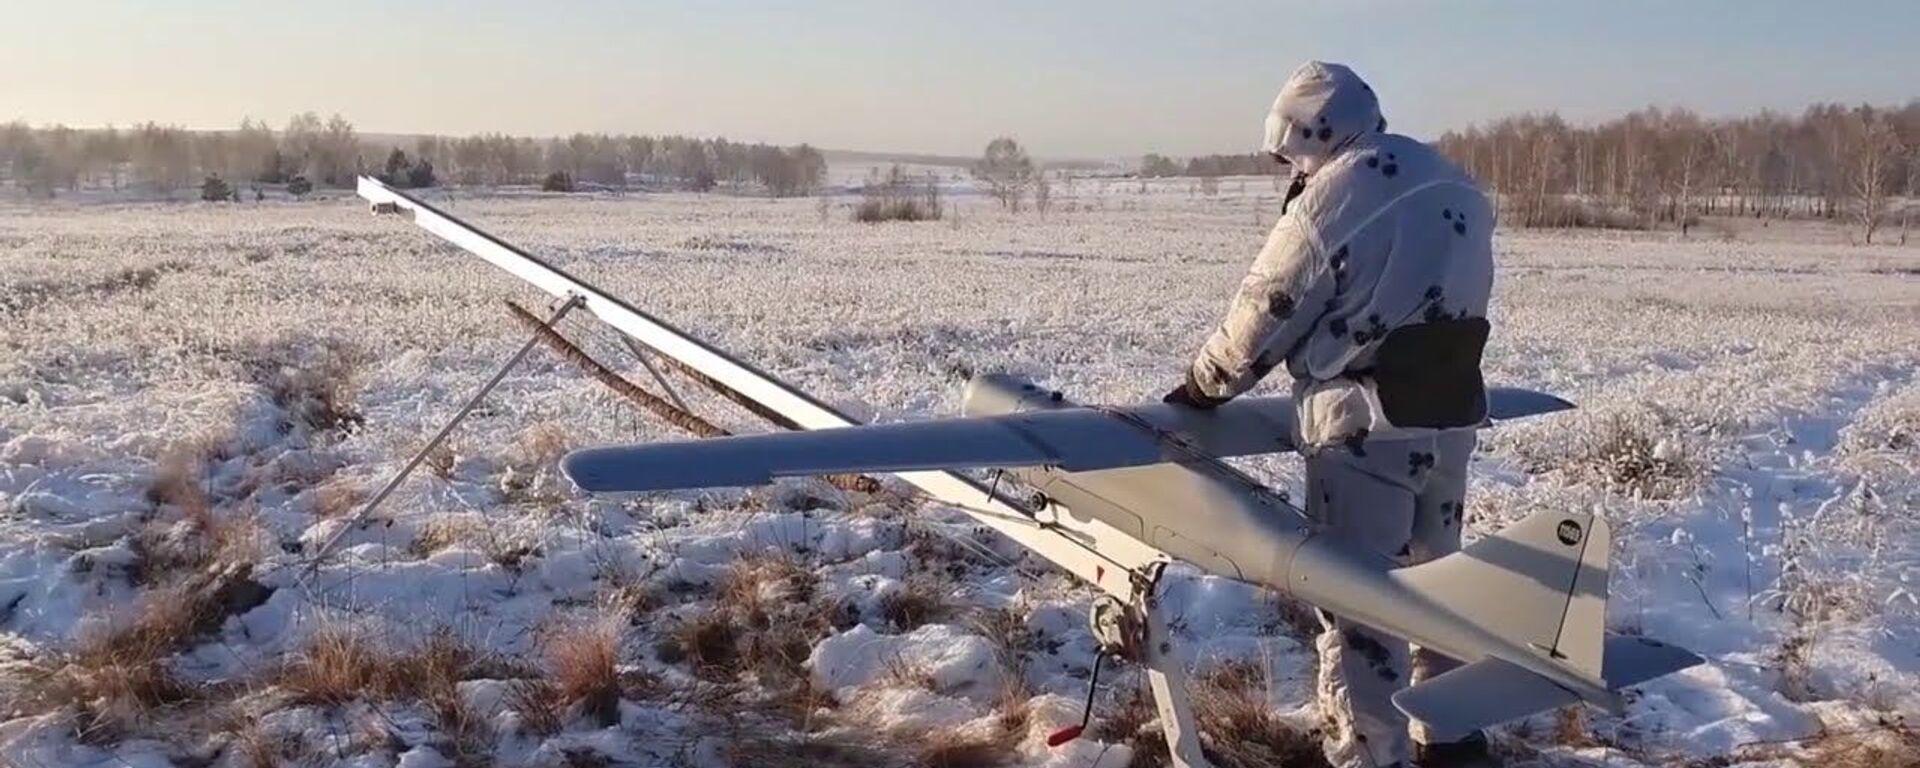 Учение по борьбе с беспилотниками - видео - Sputnik Латвия, 1920, 26.12.2020